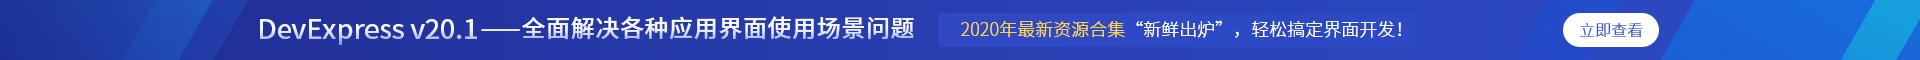 慧都dev2020最强资源合集